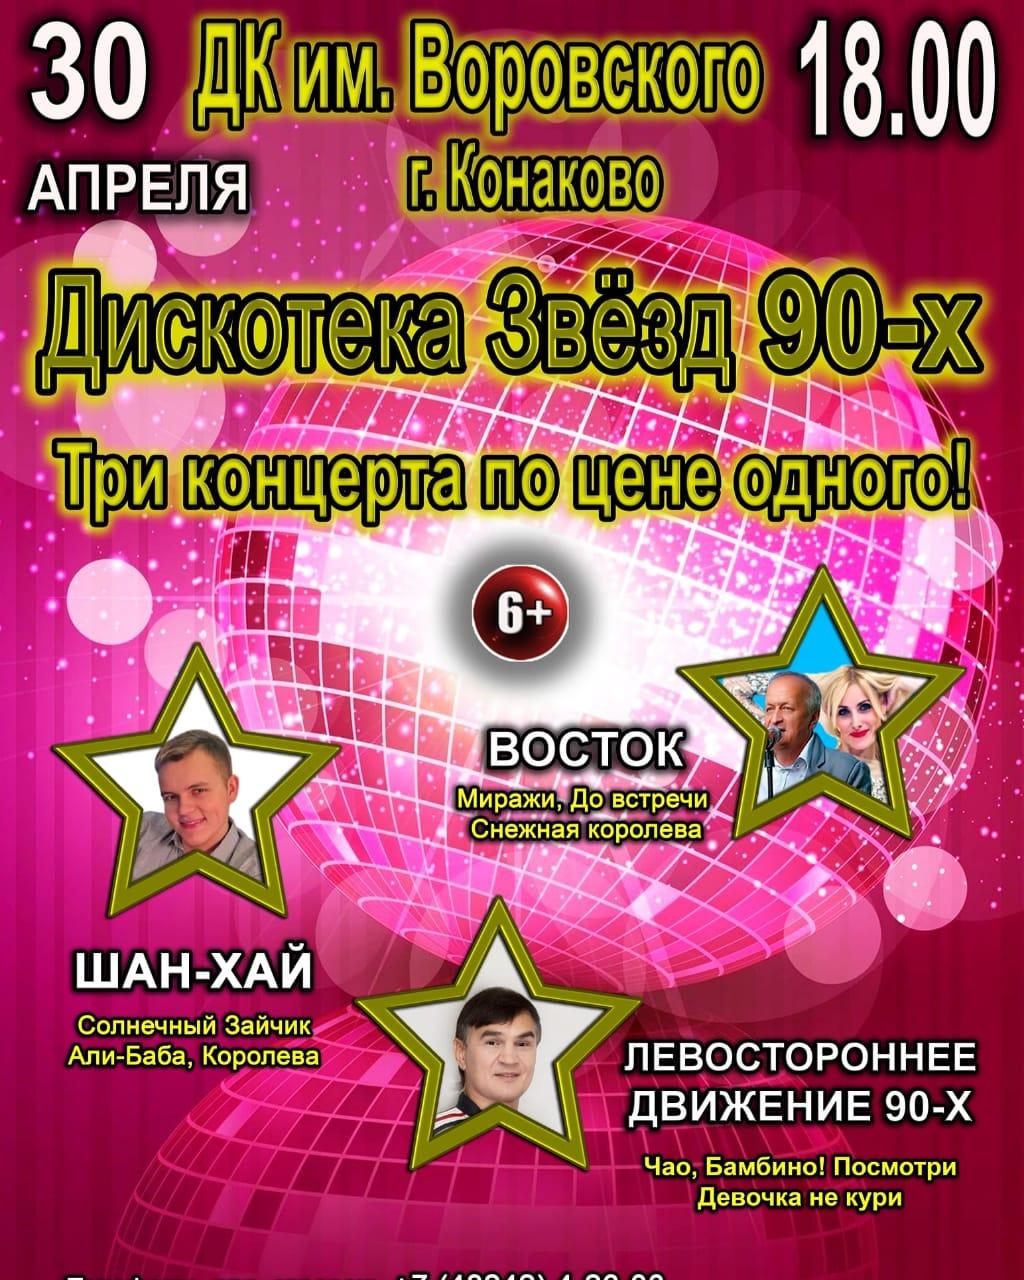 Дискотека звезд 90-х (Концерт)